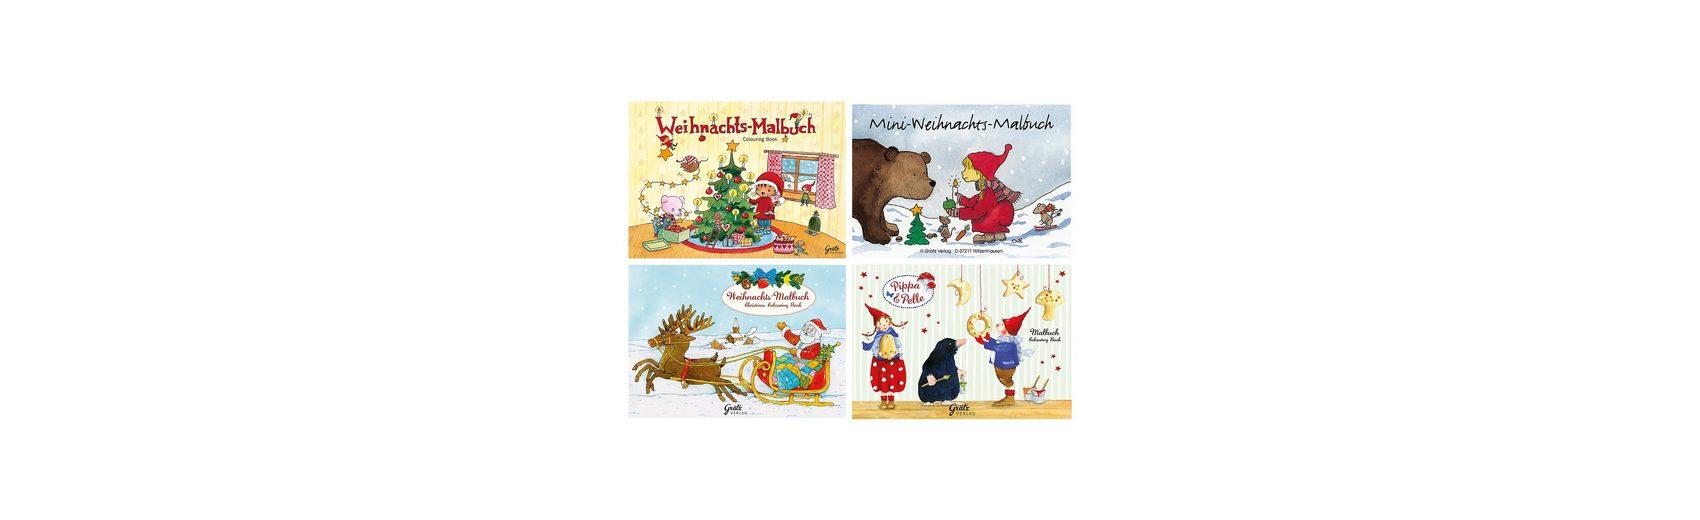 Grätz Verlag Weihnachts-Malbuchset für Kinder, 4 Stück